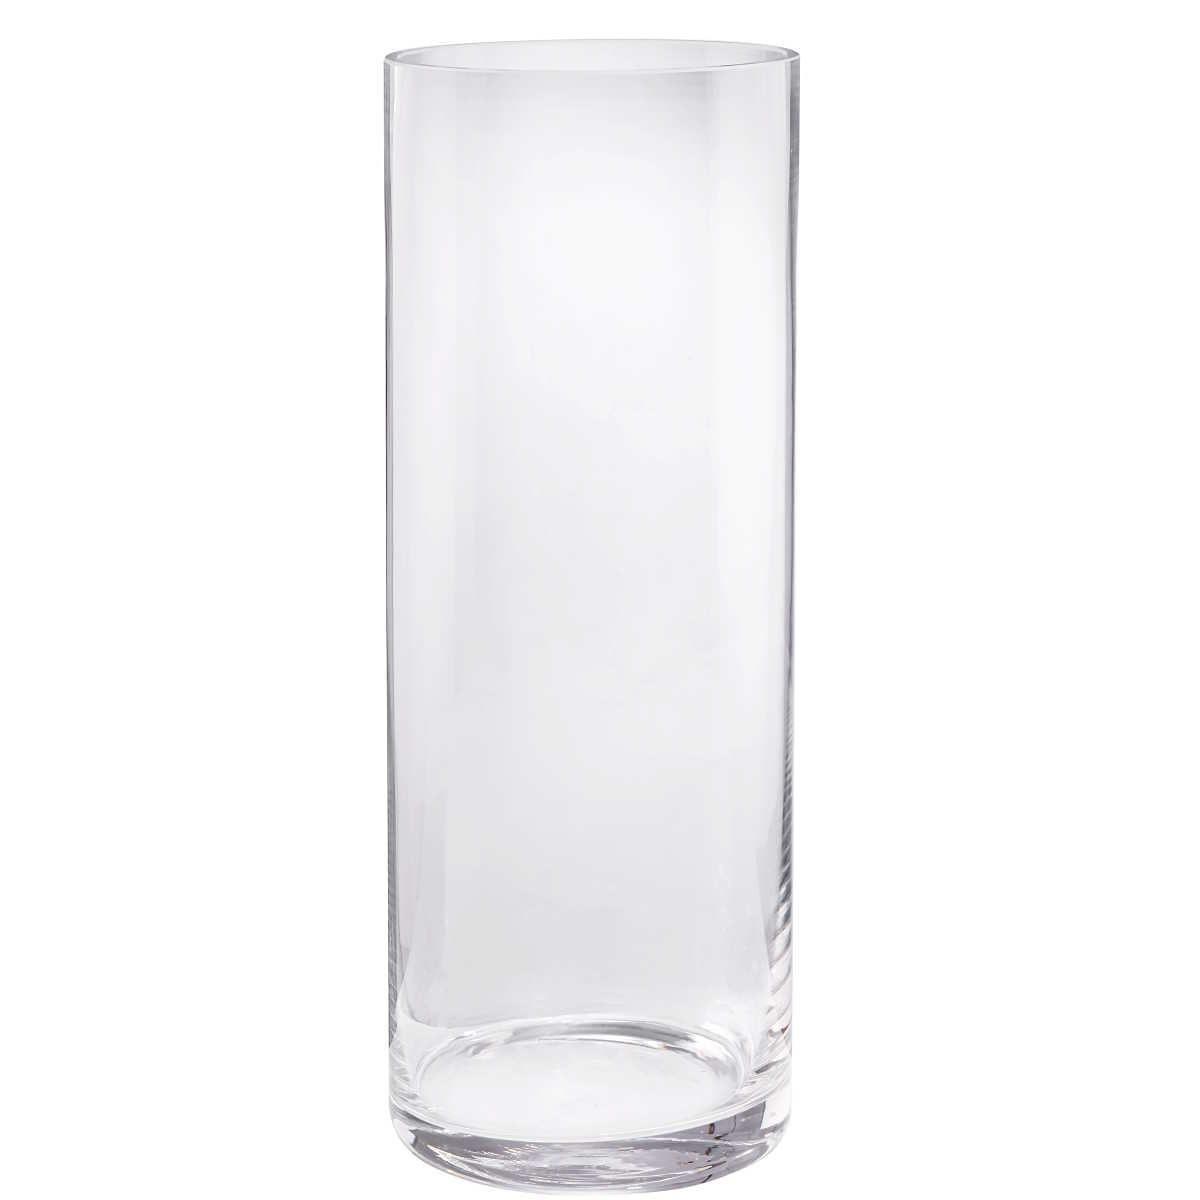 BUTLERS POOL »zylindrische Vase«